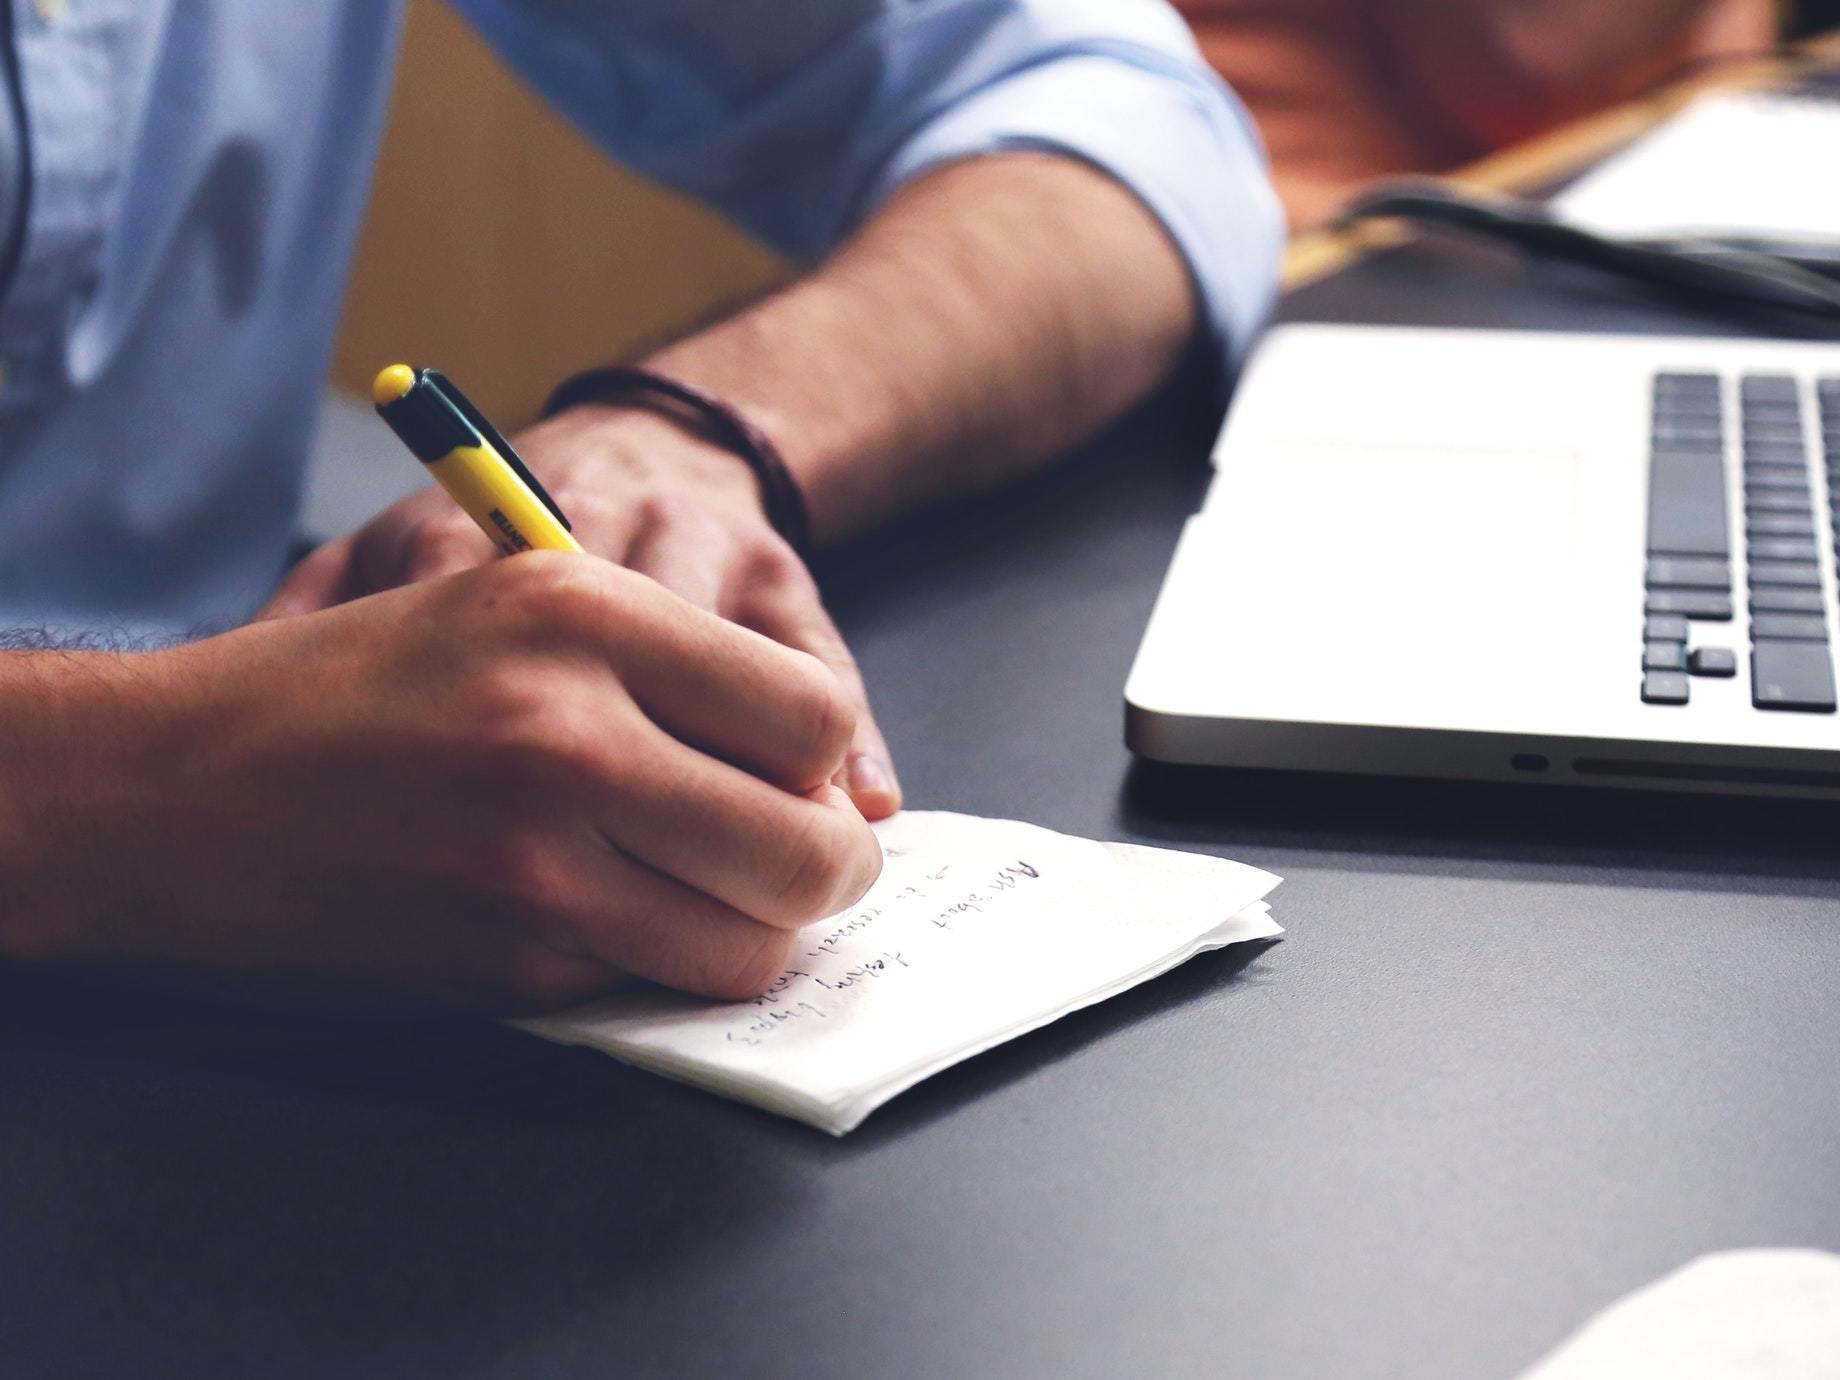 當「斜槓」成為工作常態,如何突破學習瓶頸?3個關鍵資源,帶你學得又快又好